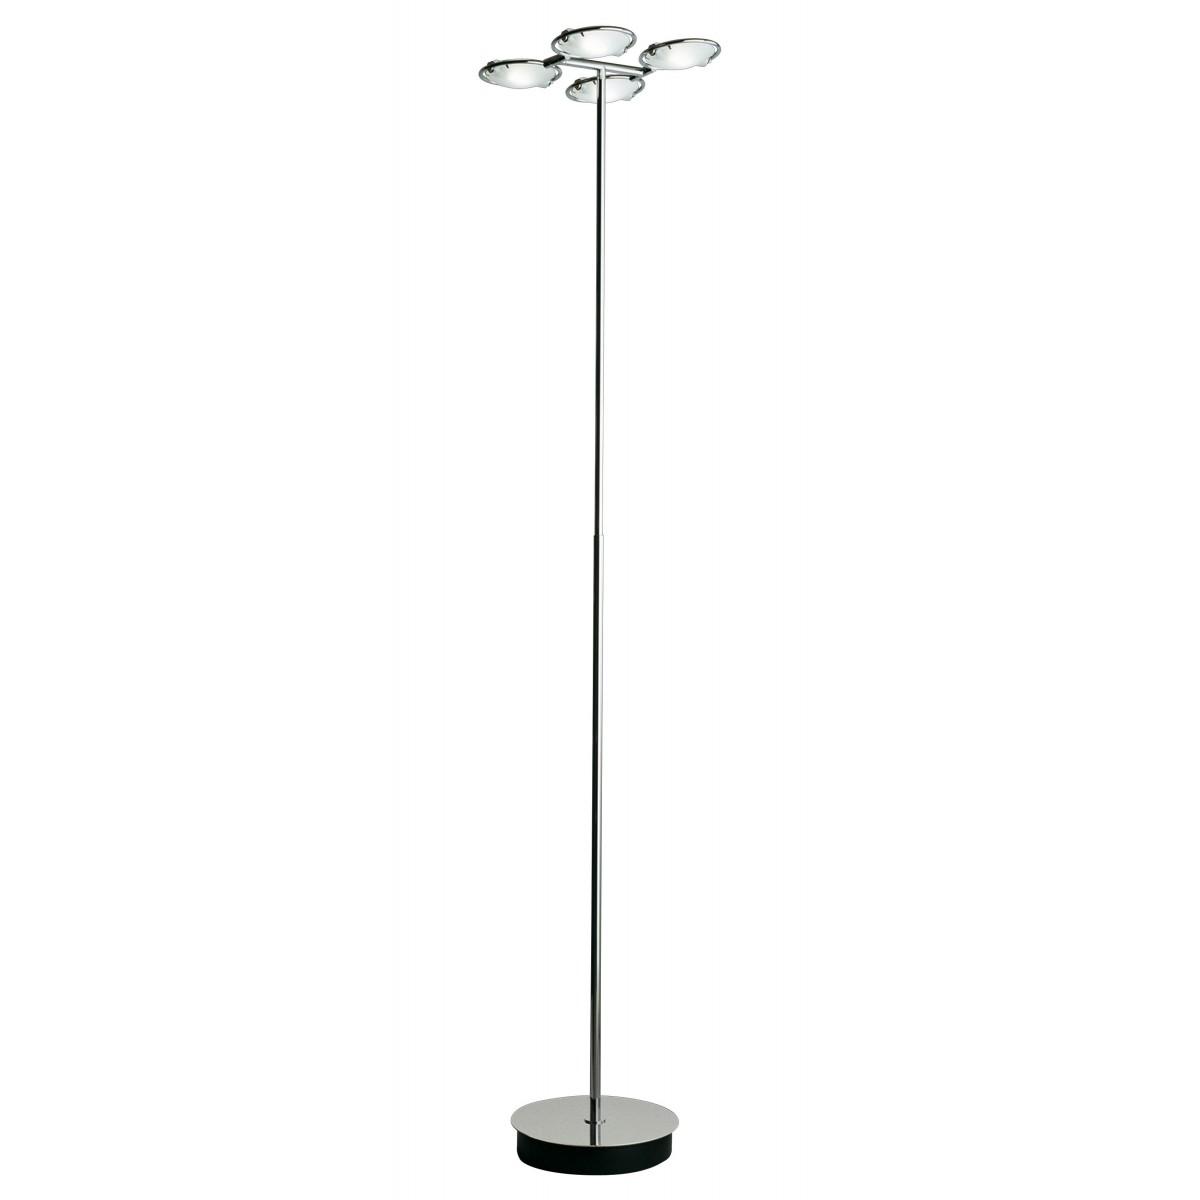 FontanaArte Nobi 4 Floor Lamp Outlet | Desout.com